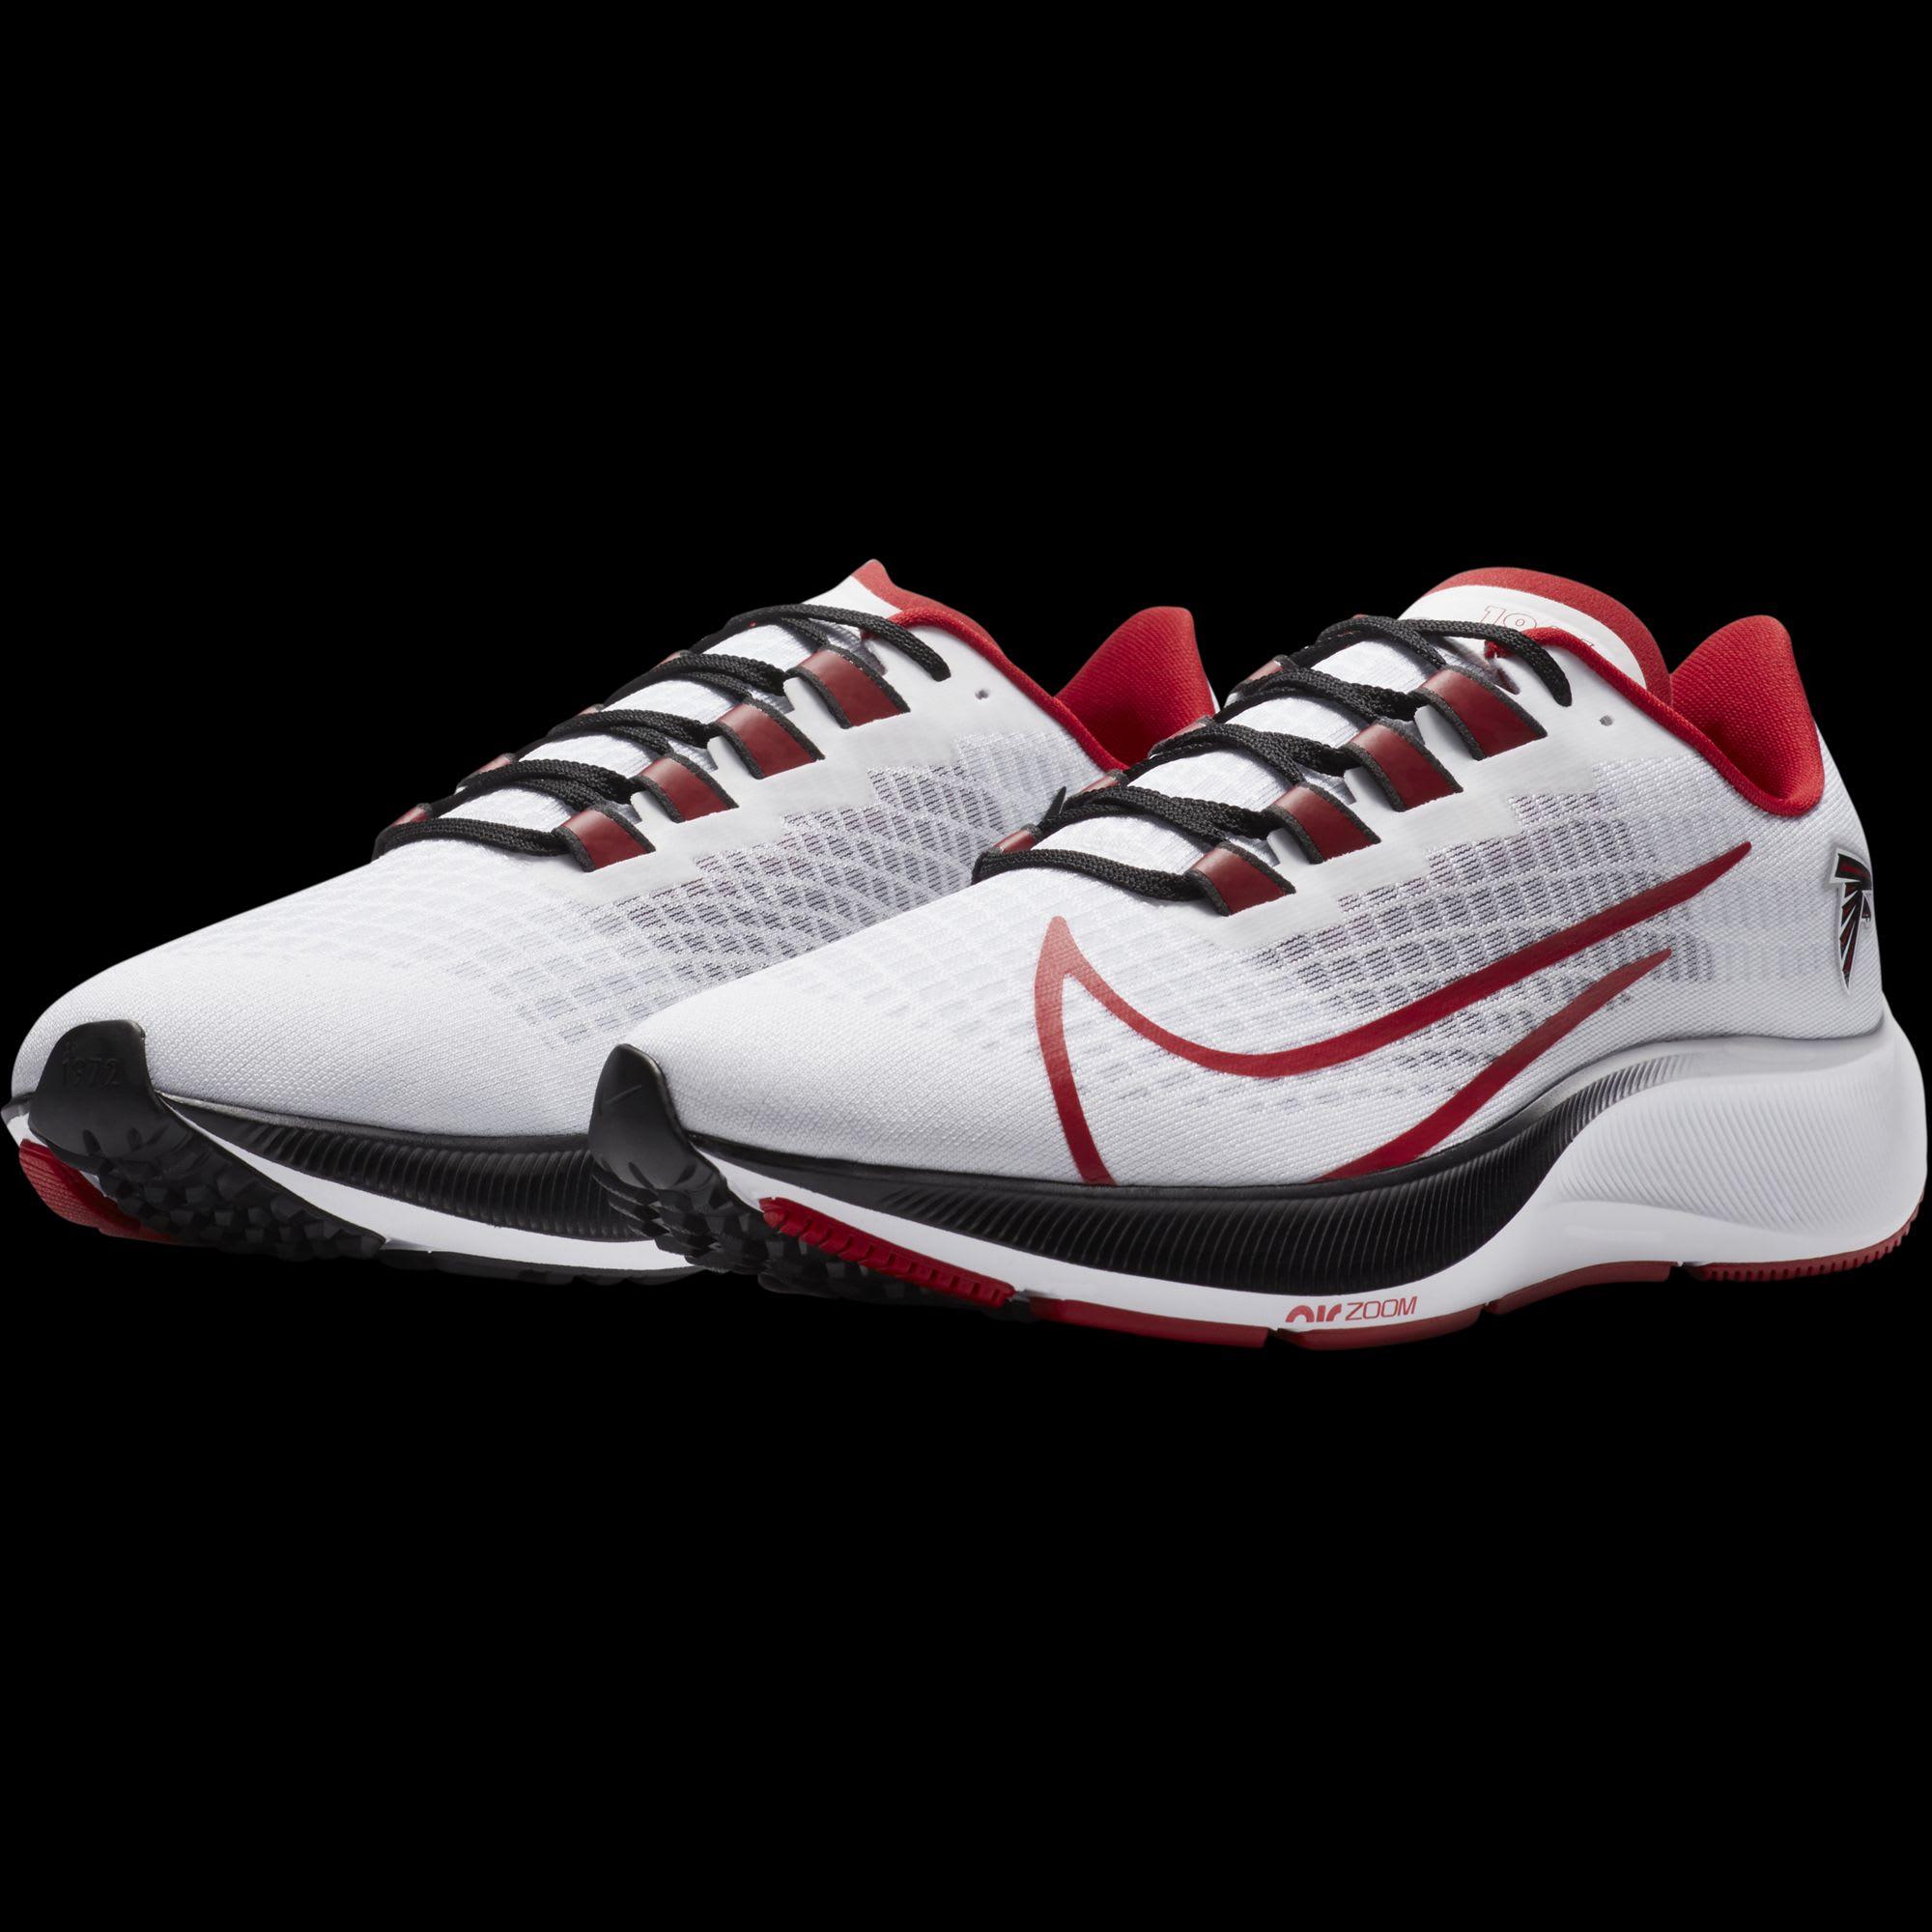 Atlanta Falcons Nike running shoes today